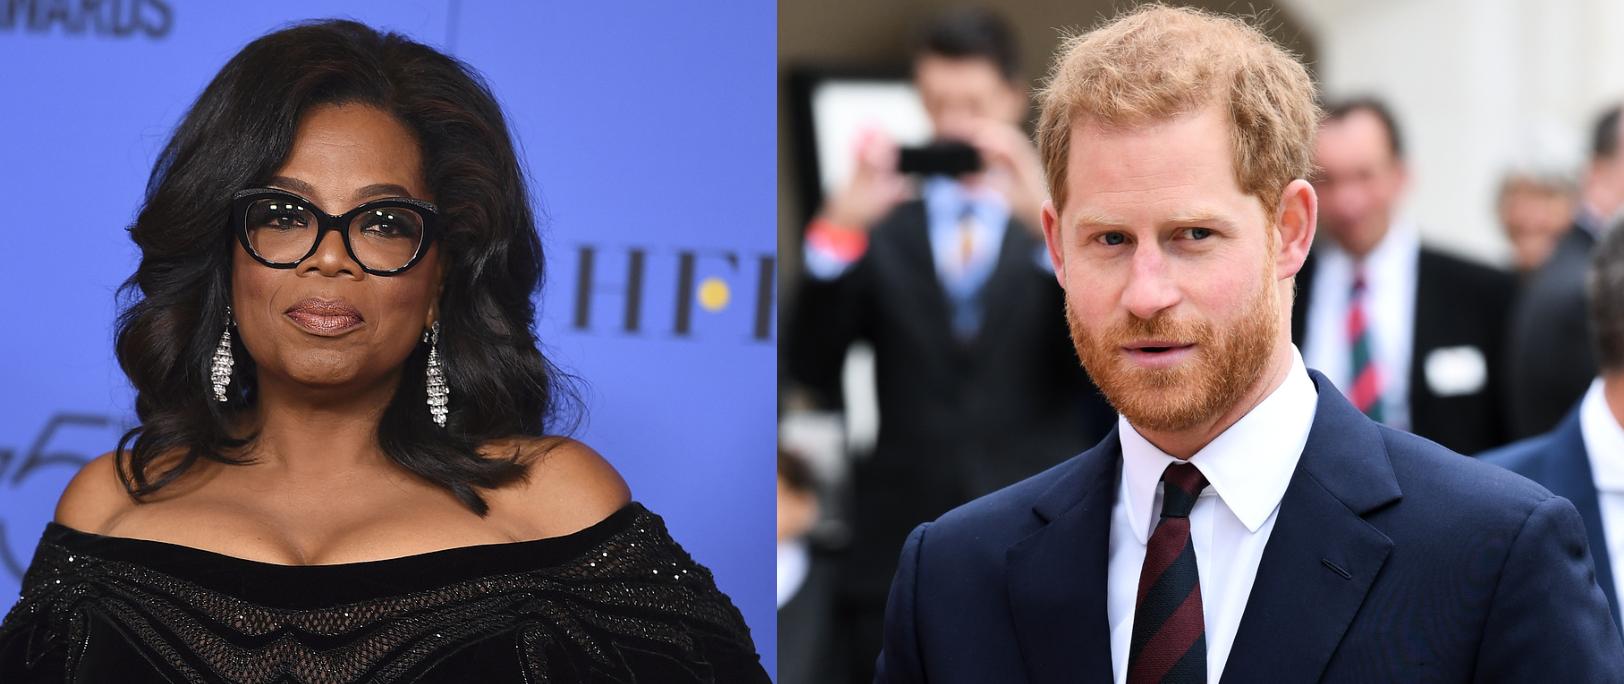 STOLT: Prins Harry (34) forteller at han er «veldig stolt» over å jobbe med dokumentarserien sammen med Oprah Winfrey (65).